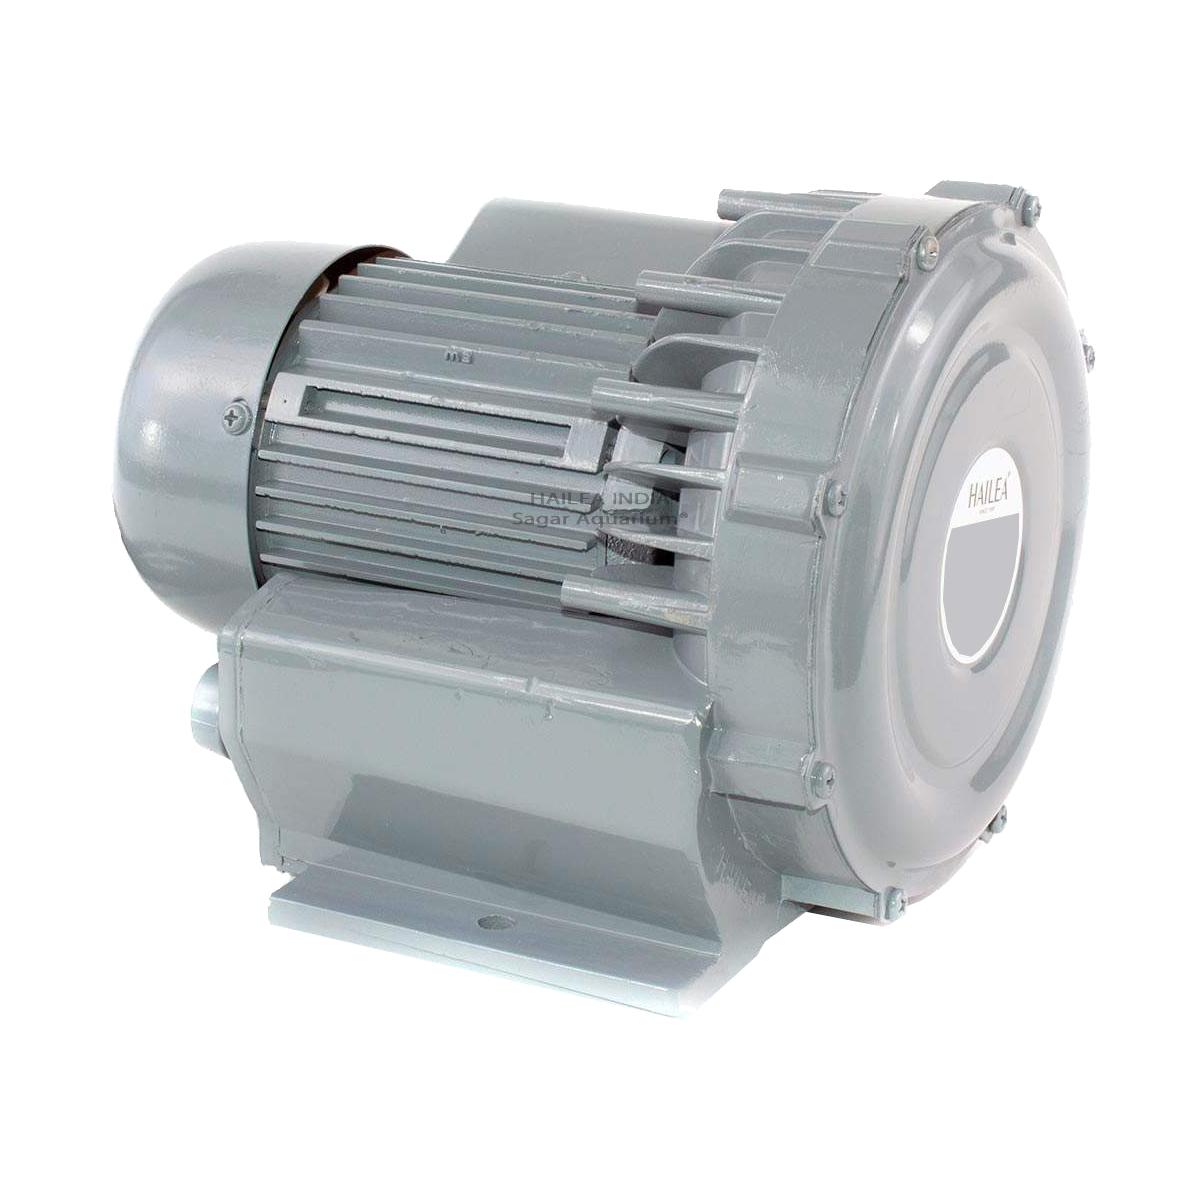 Hailea VB-185G Vortex Blower Powerful Air Pump 300 L/min